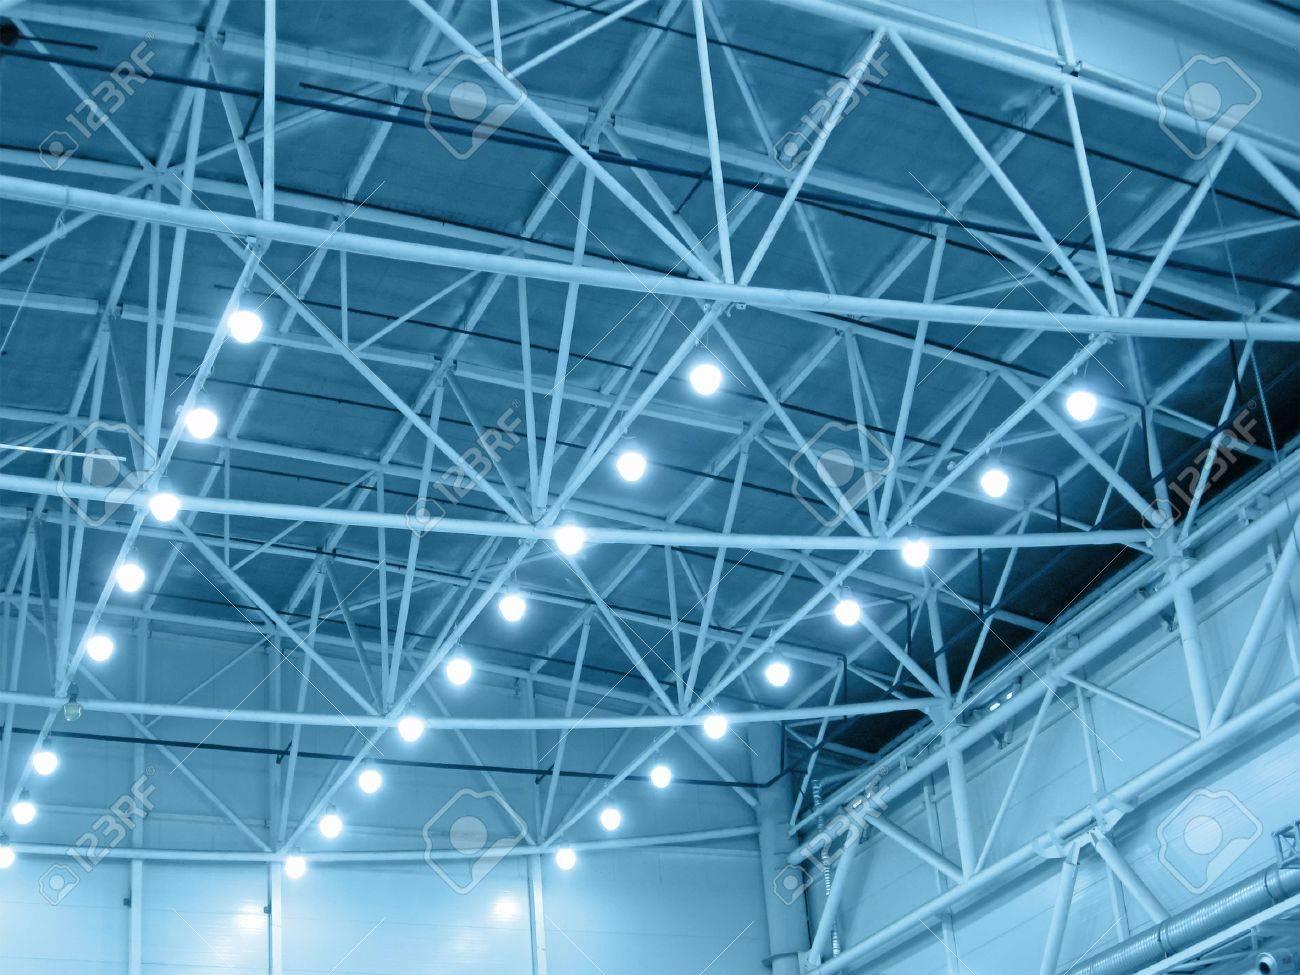 Interieur Bleu Eclairage De L Entrepot Industrielle Illumination De